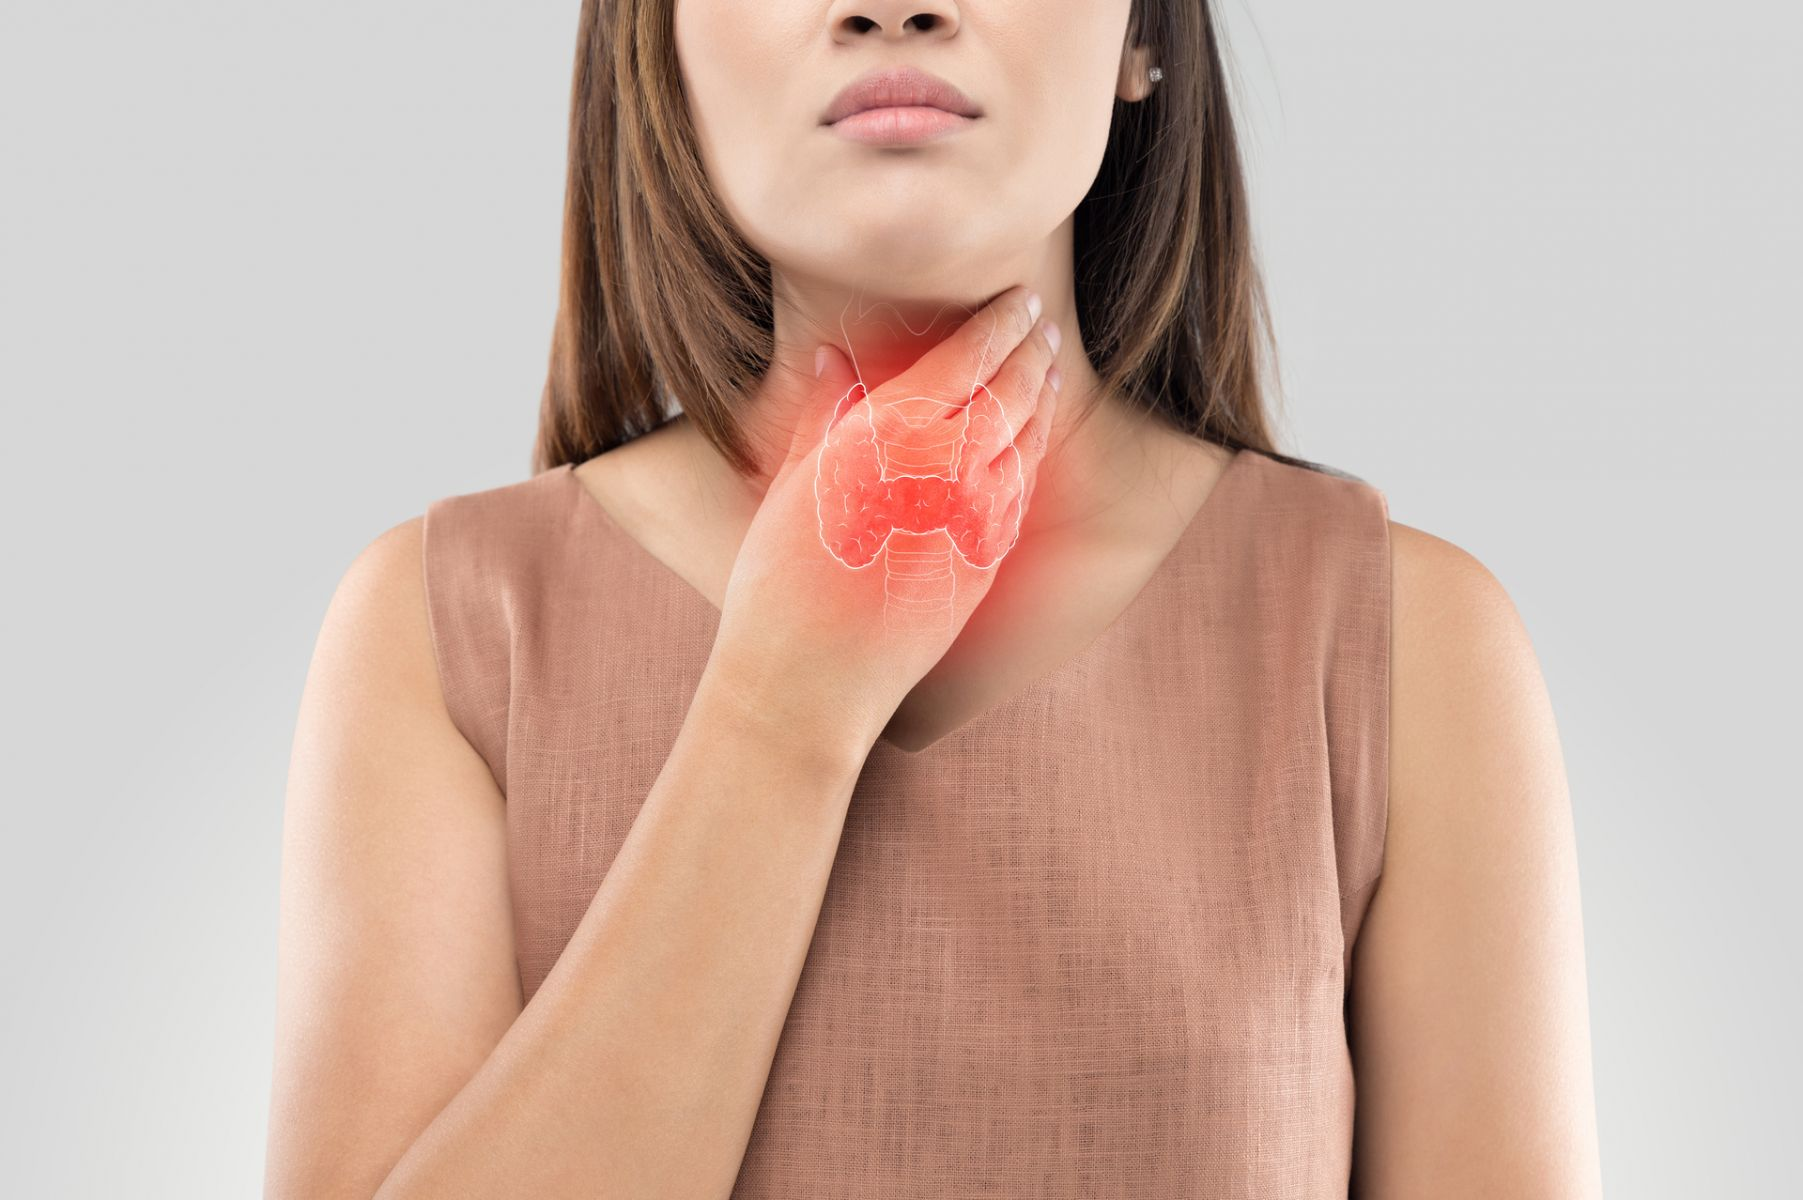 好發於20到45歲女性!甲狀腺疾病發生率逐年上升